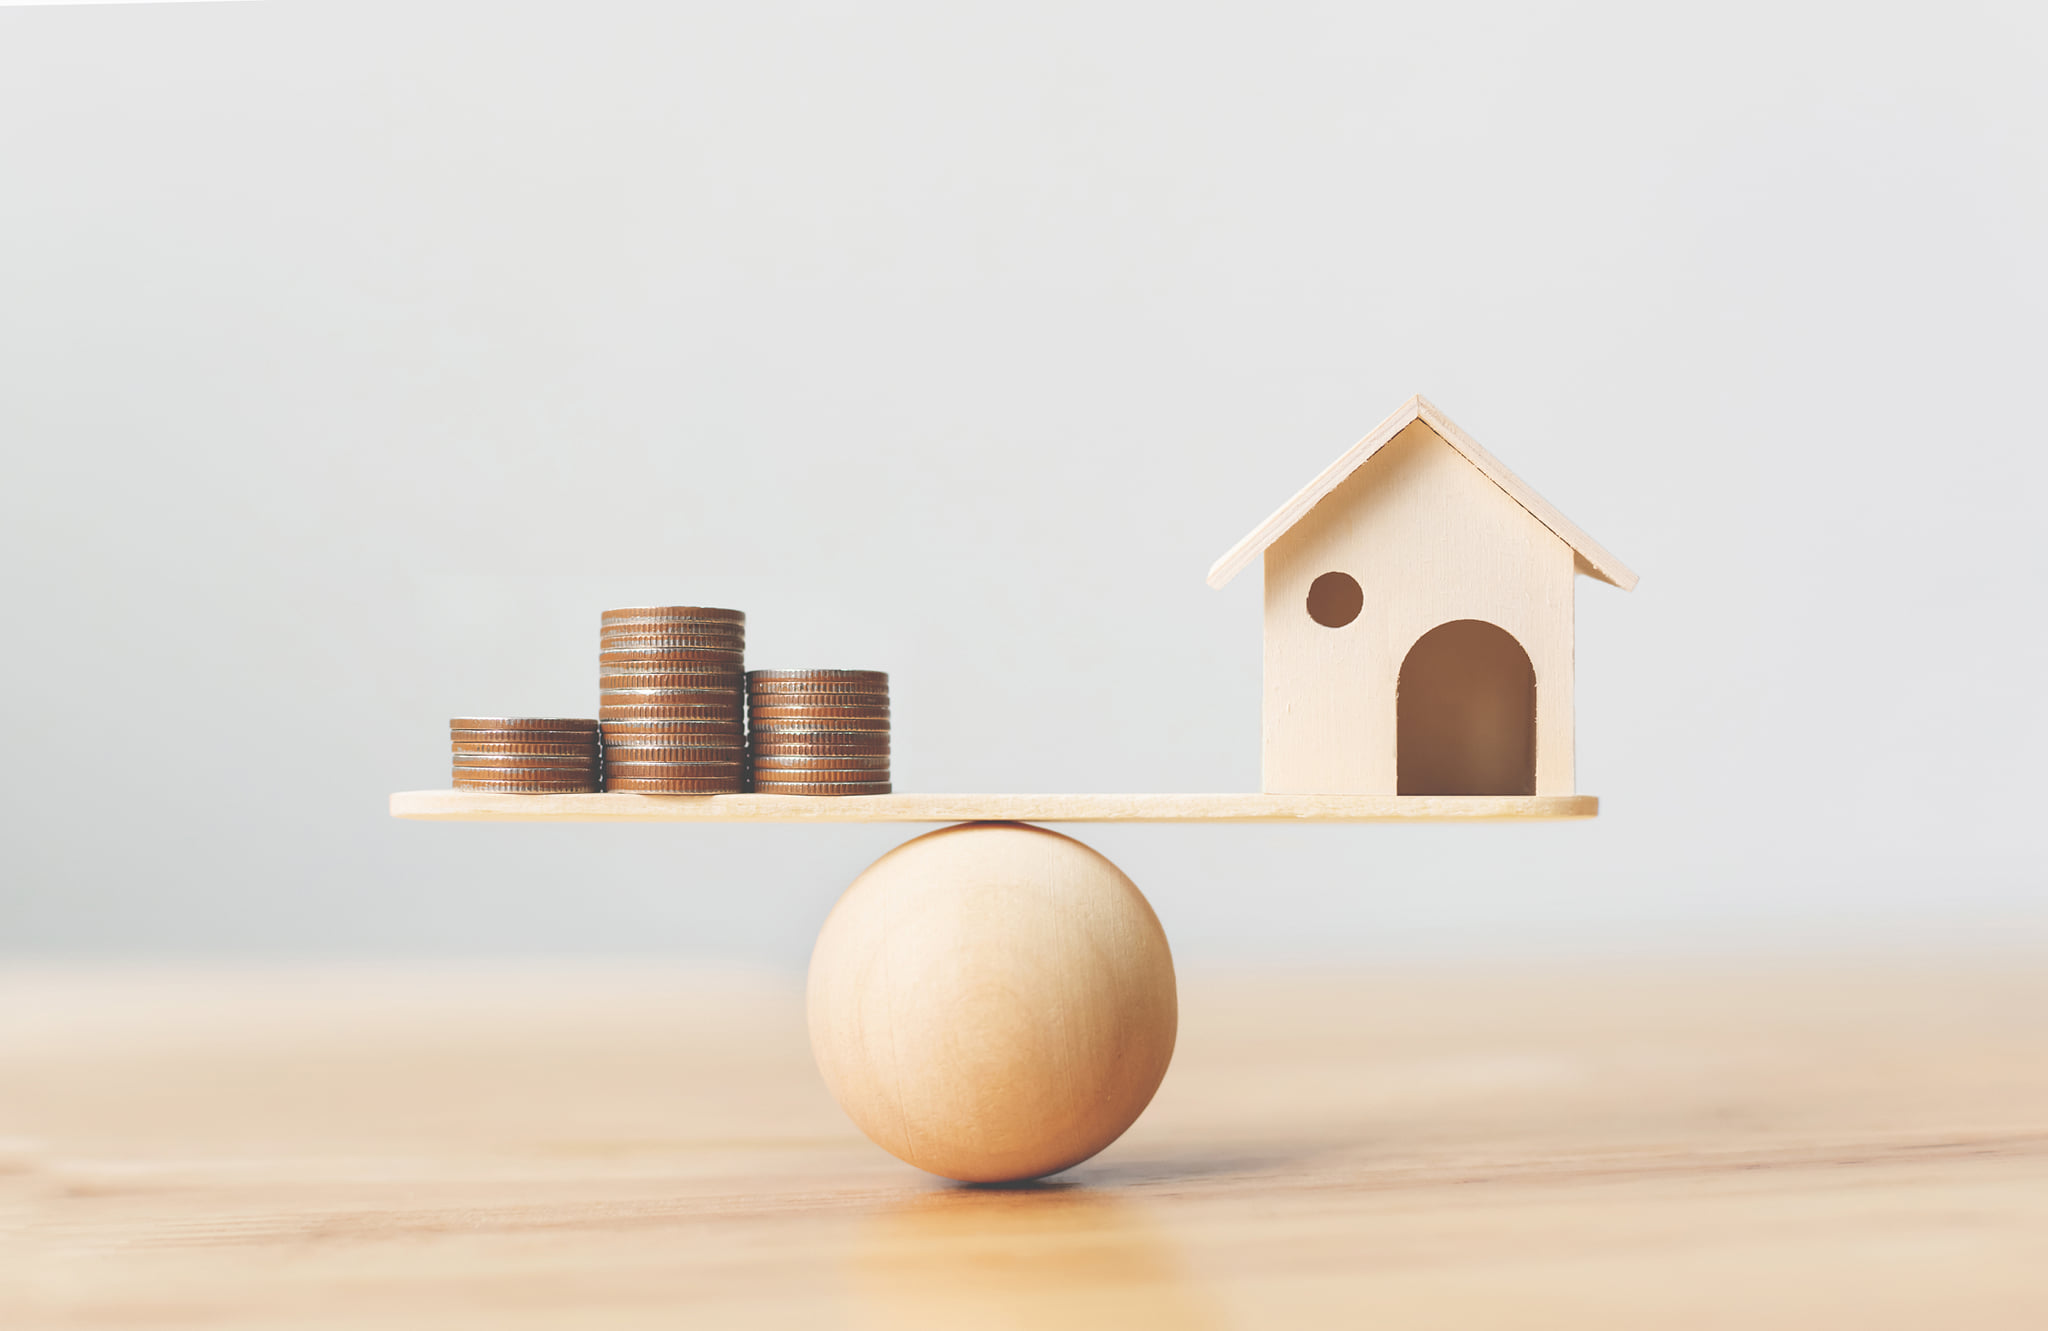 Хамгийн баталгаатай хөрөнгө оруулалт бол үнэ цэн нь өсөн нэмэгдэх үл хөдлөх хөрөнгө